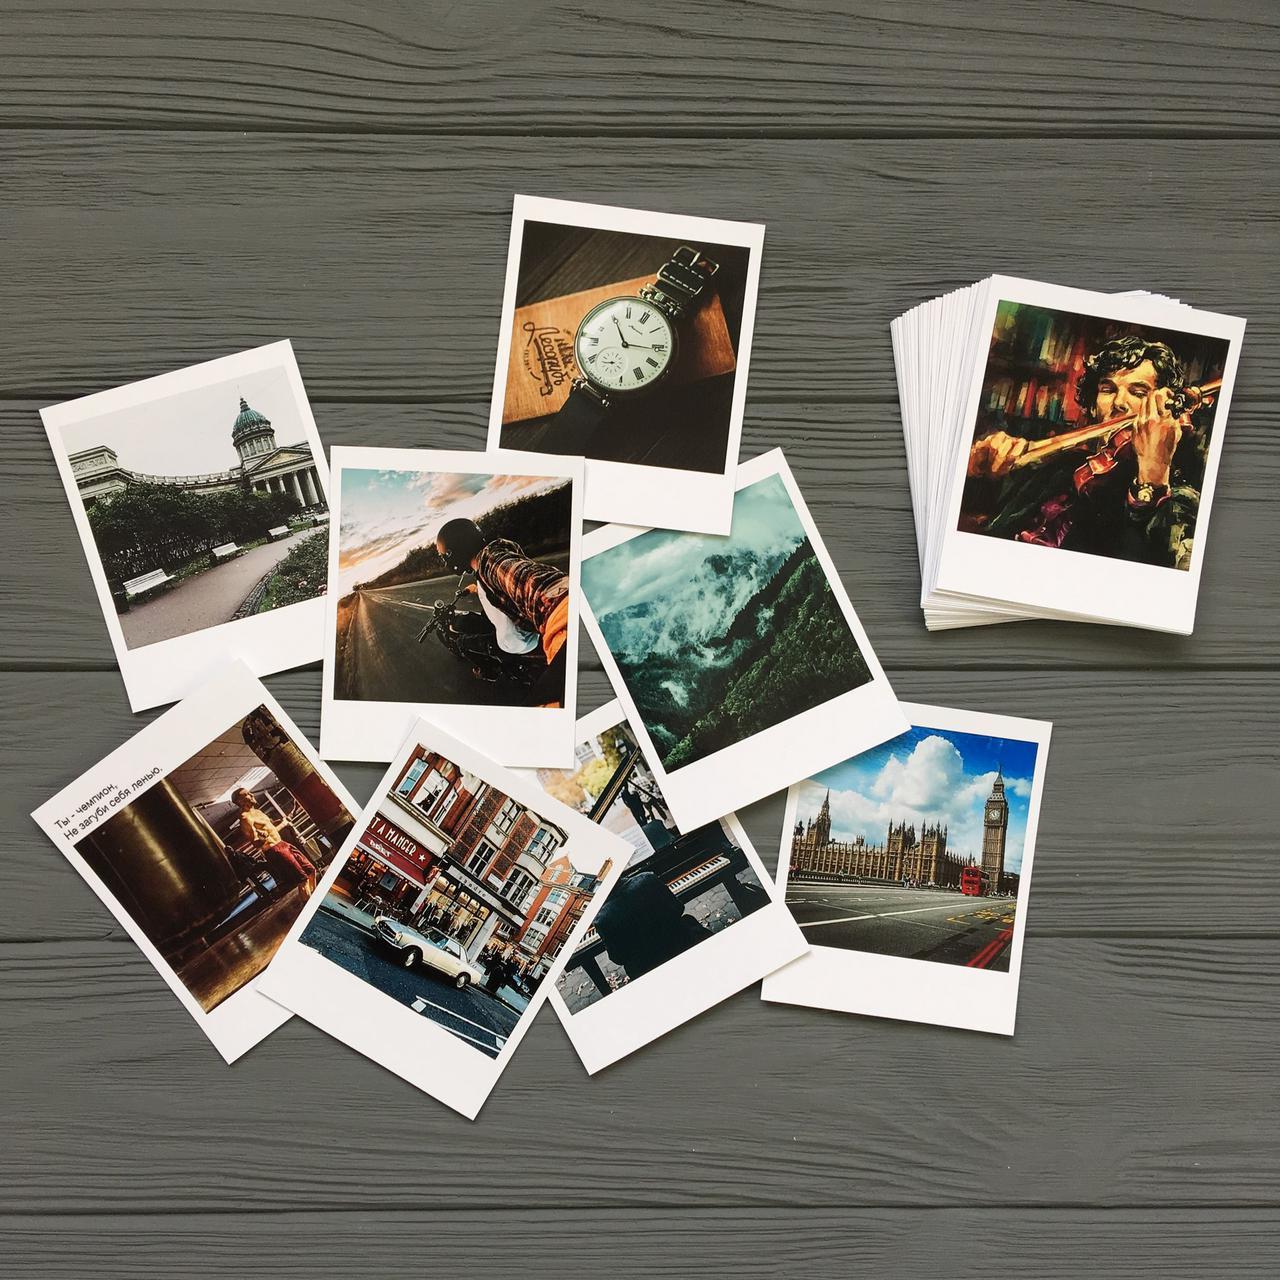 идеи распечатки фотографий учетом затрат